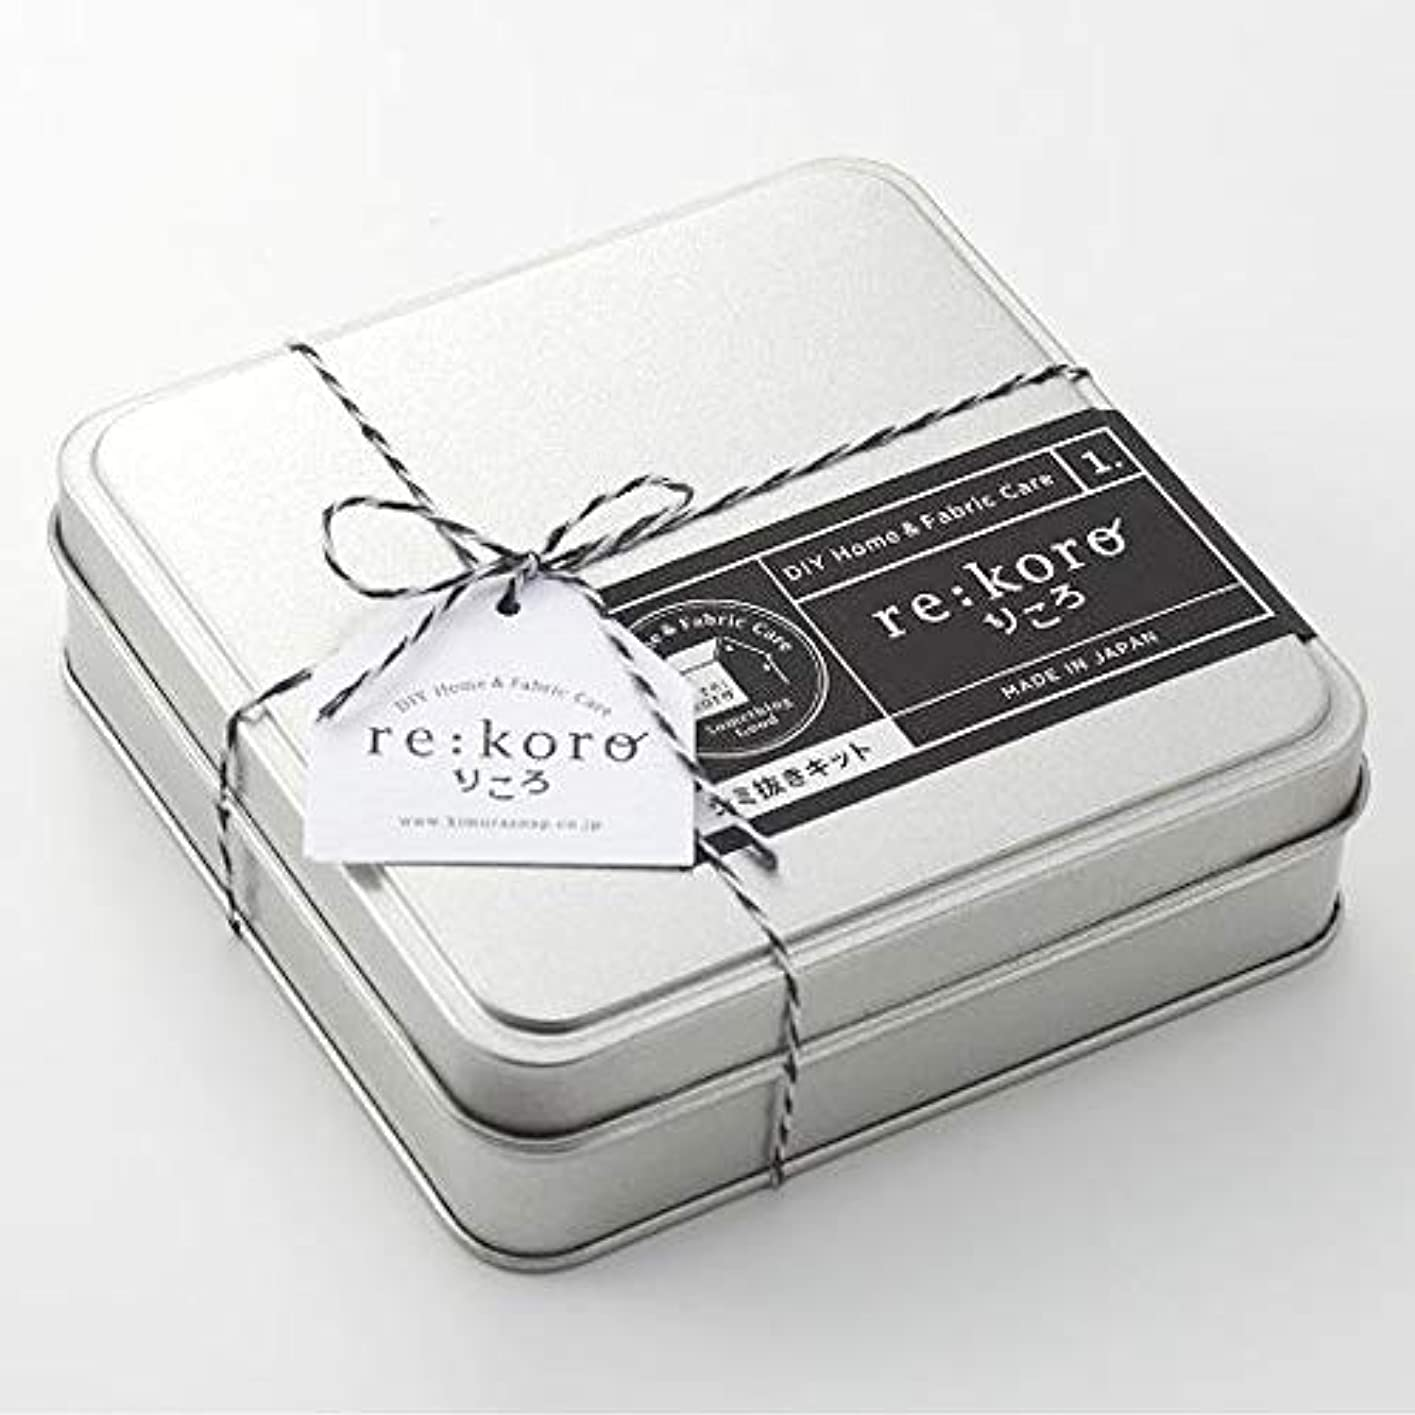 ストレンジャービットポケット(木村石鹸/re:koro) re:koro-りころ-シミ抜きキット (835-1079r)